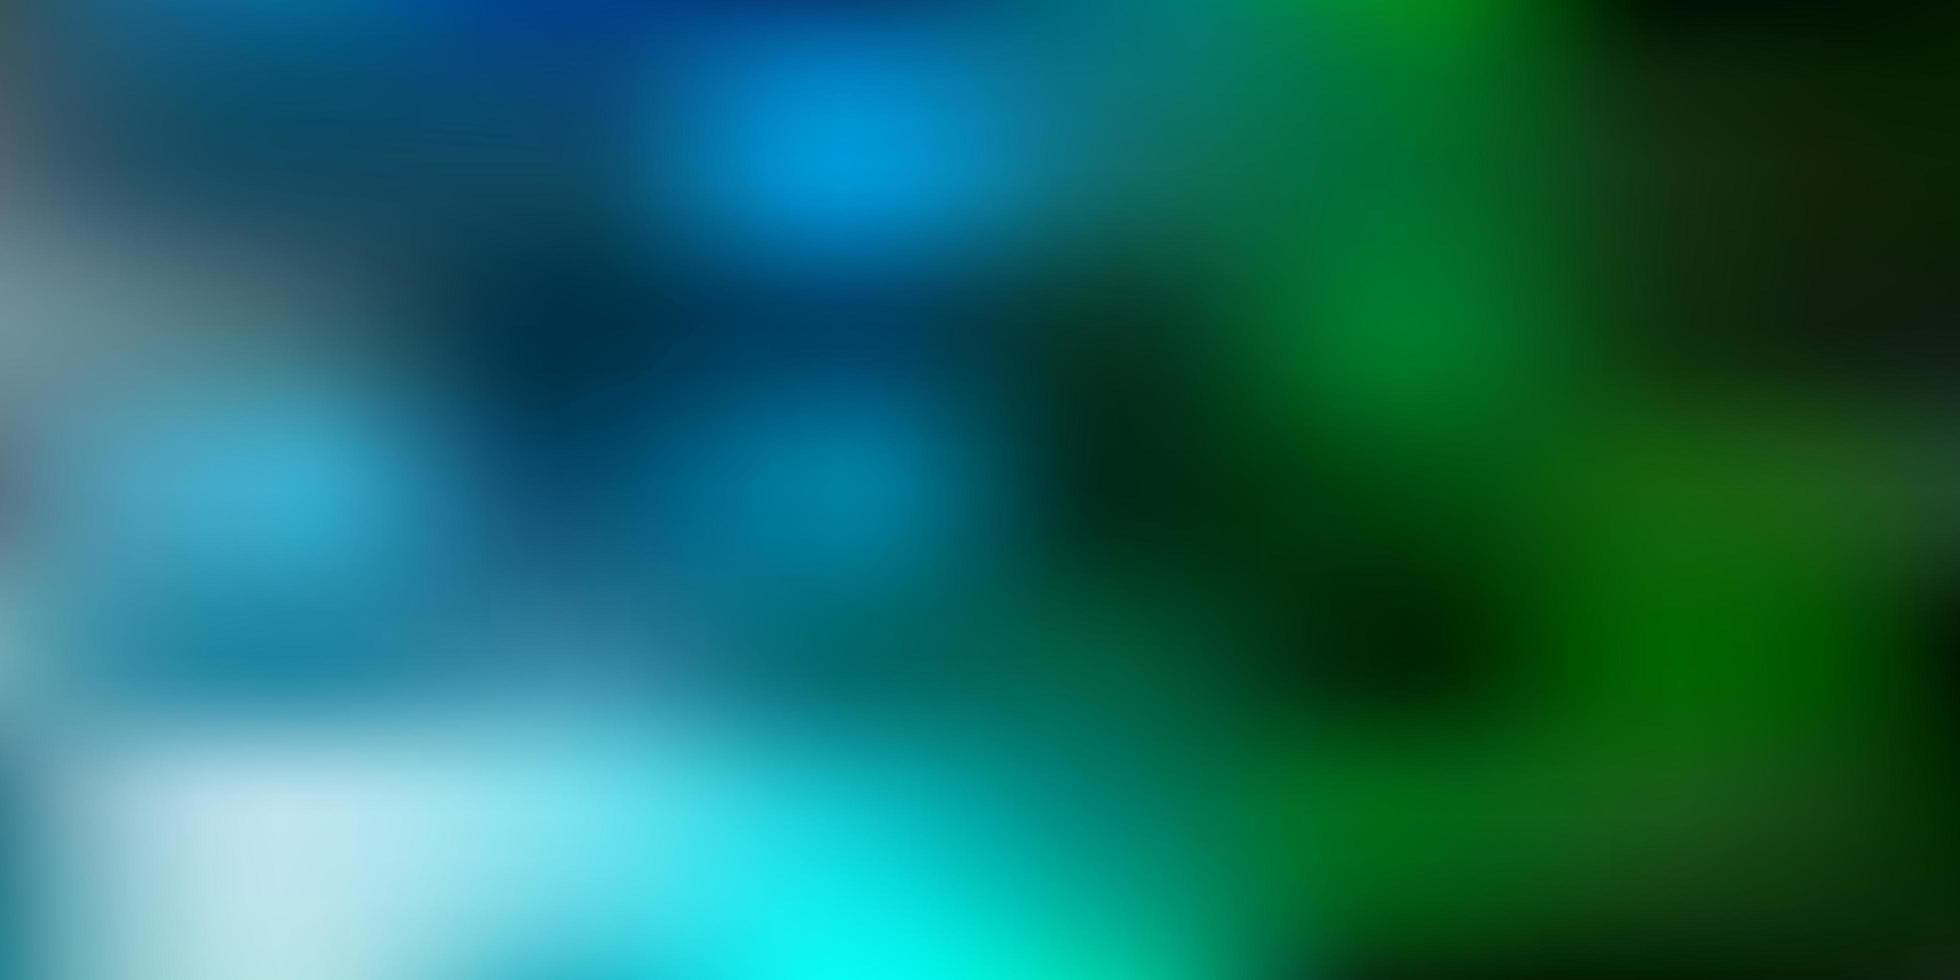 lichtblauwe en groene kleurovergang vervagen textuur. vector